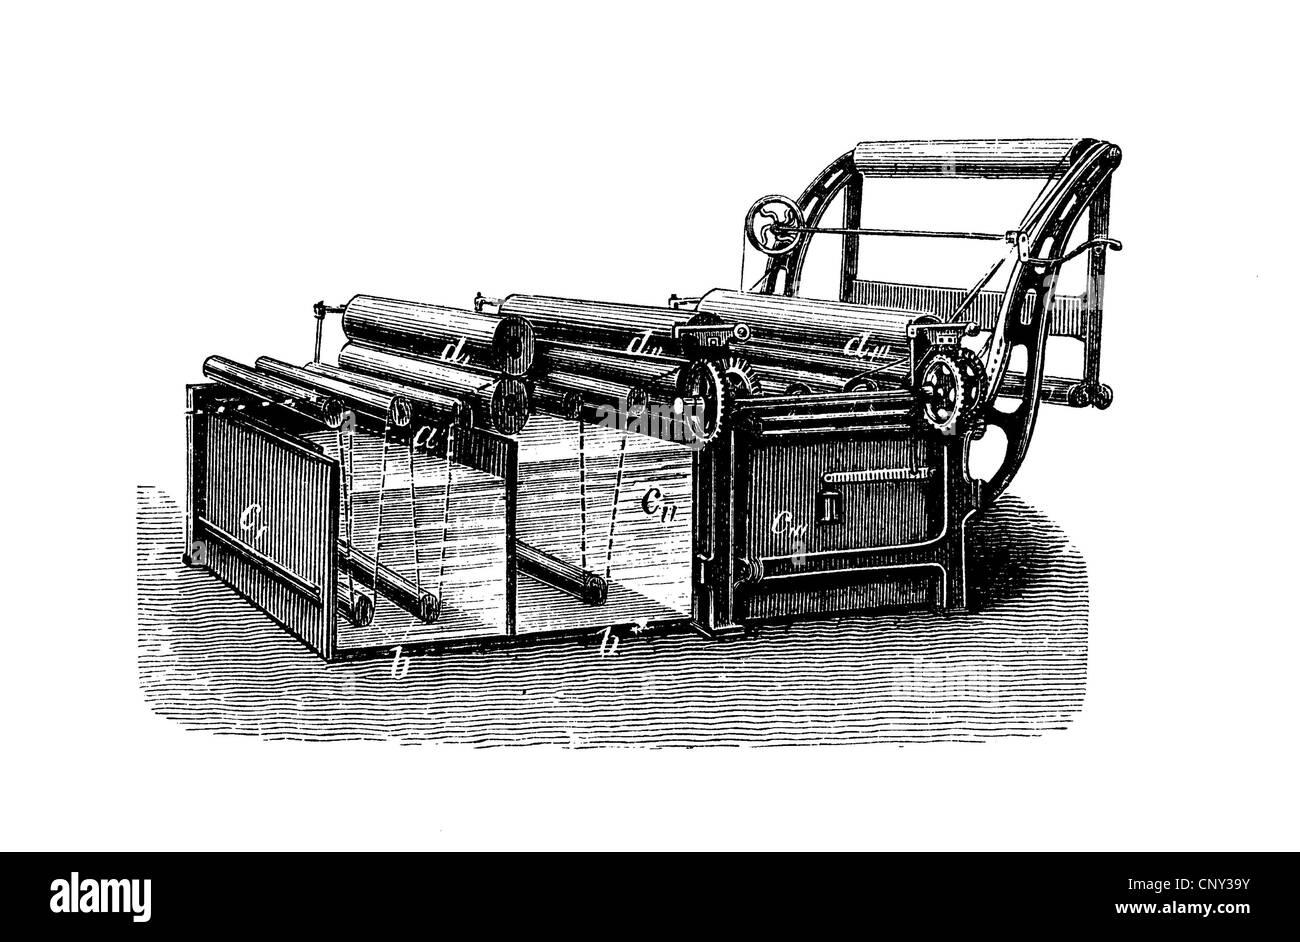 Machine de finition large, tisser, illustration historique, gravure sur bois, vers 1888 Photo Stock